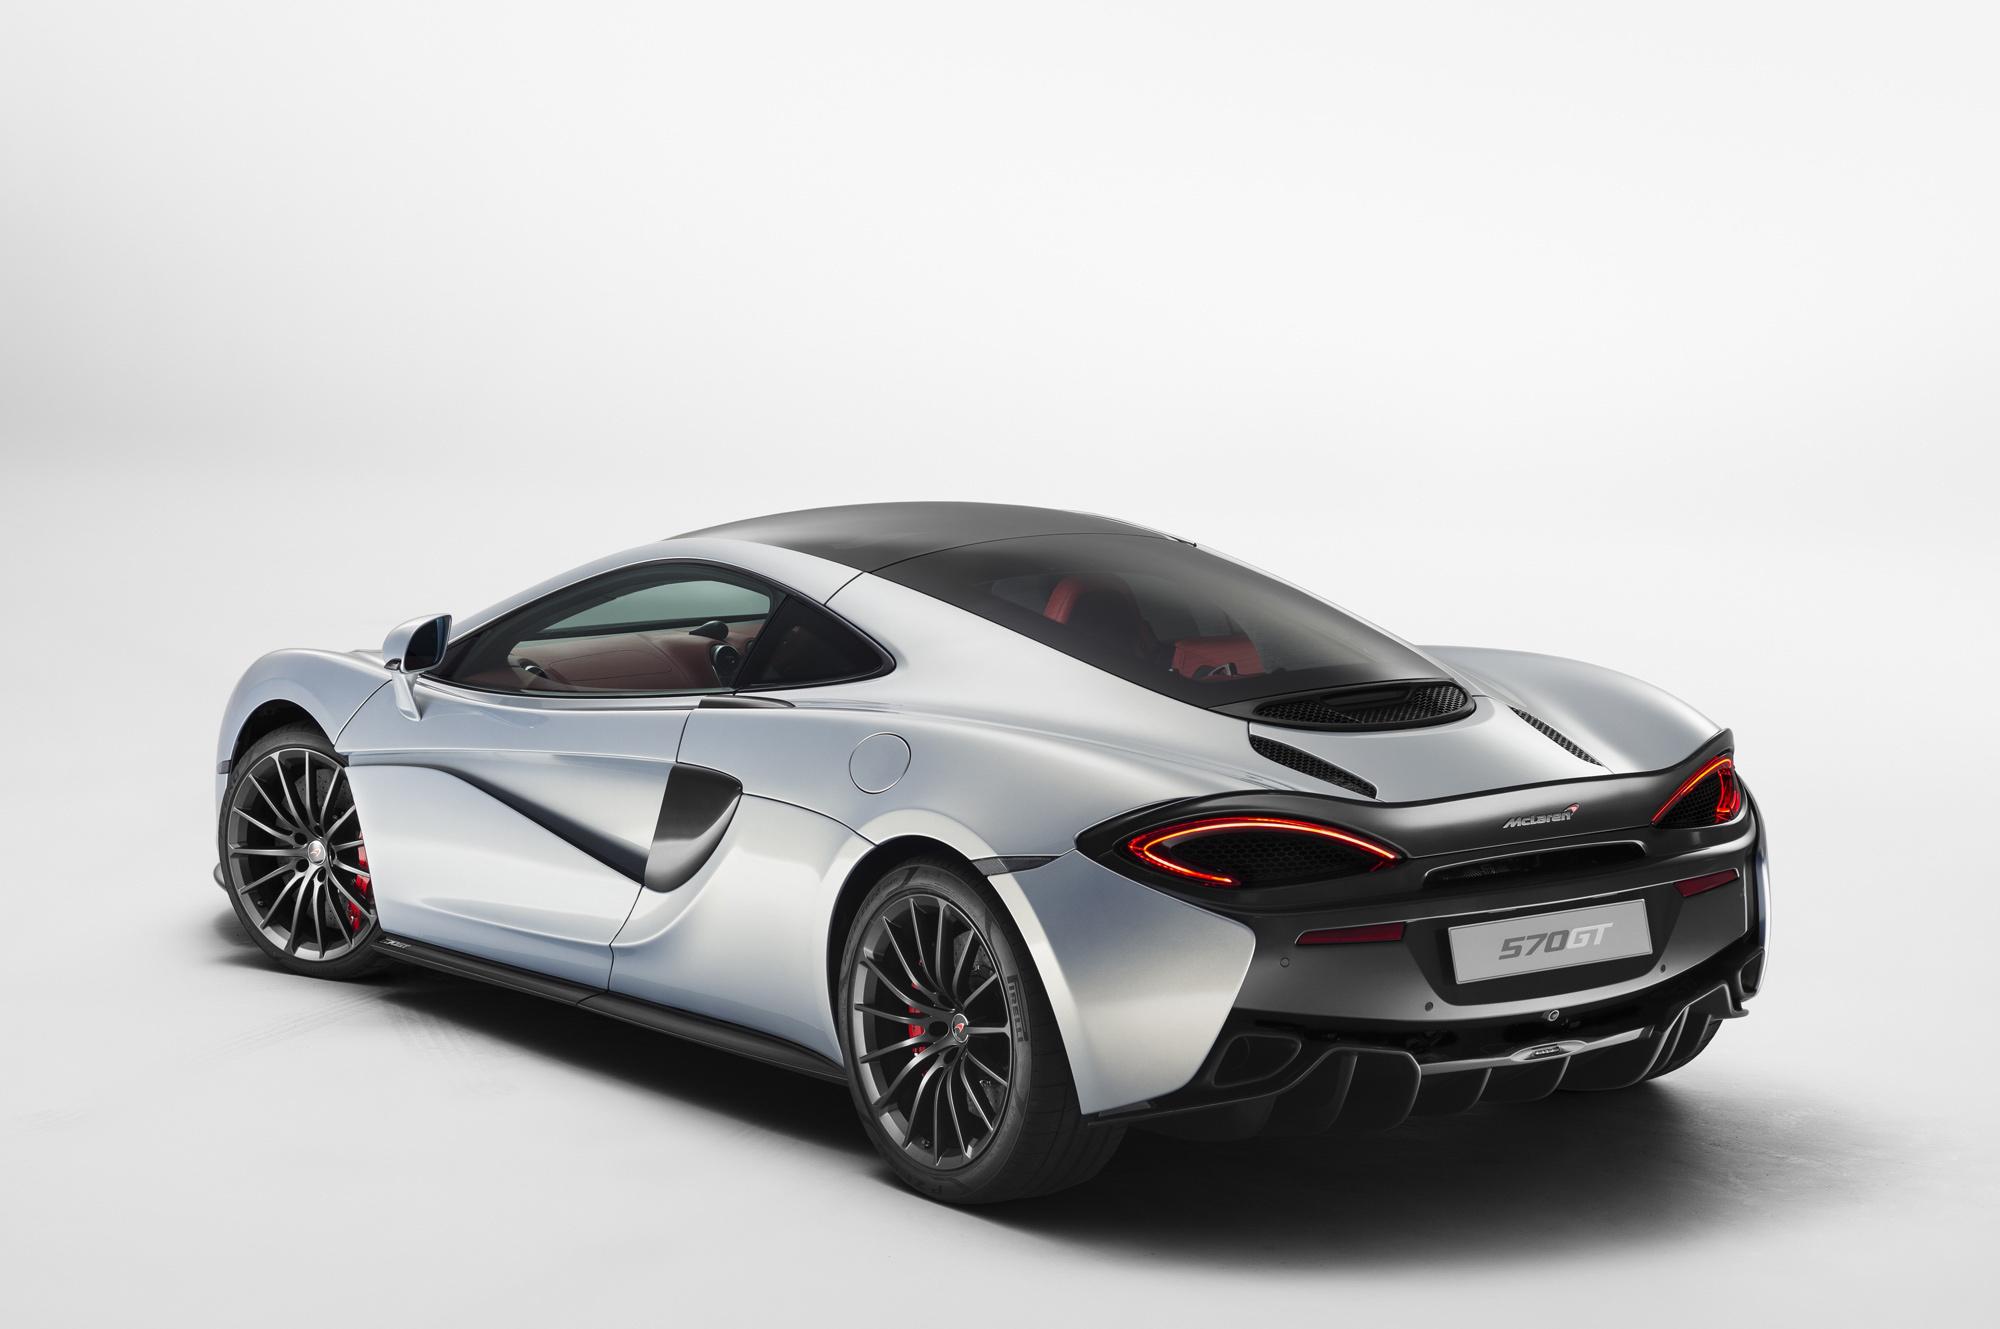 McLaren 570GT Wallpapers HD